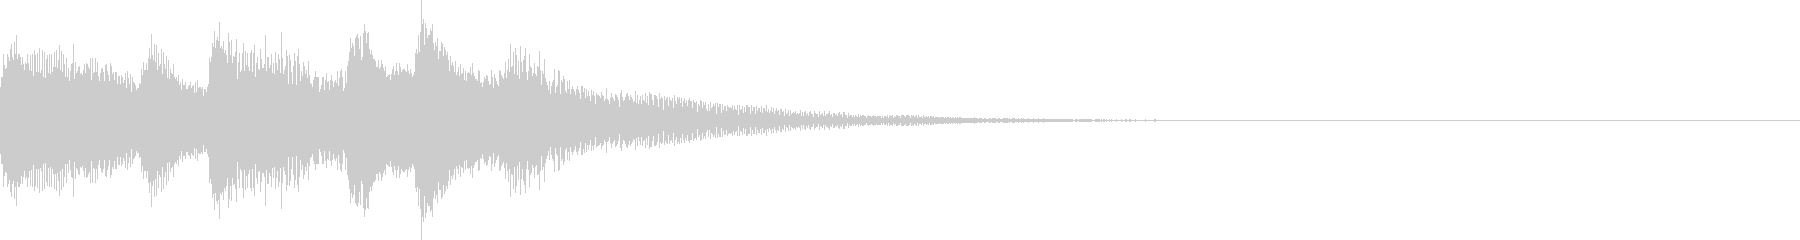 ピアノでシンプルに奏でるサウンドロゴの未再生の波形